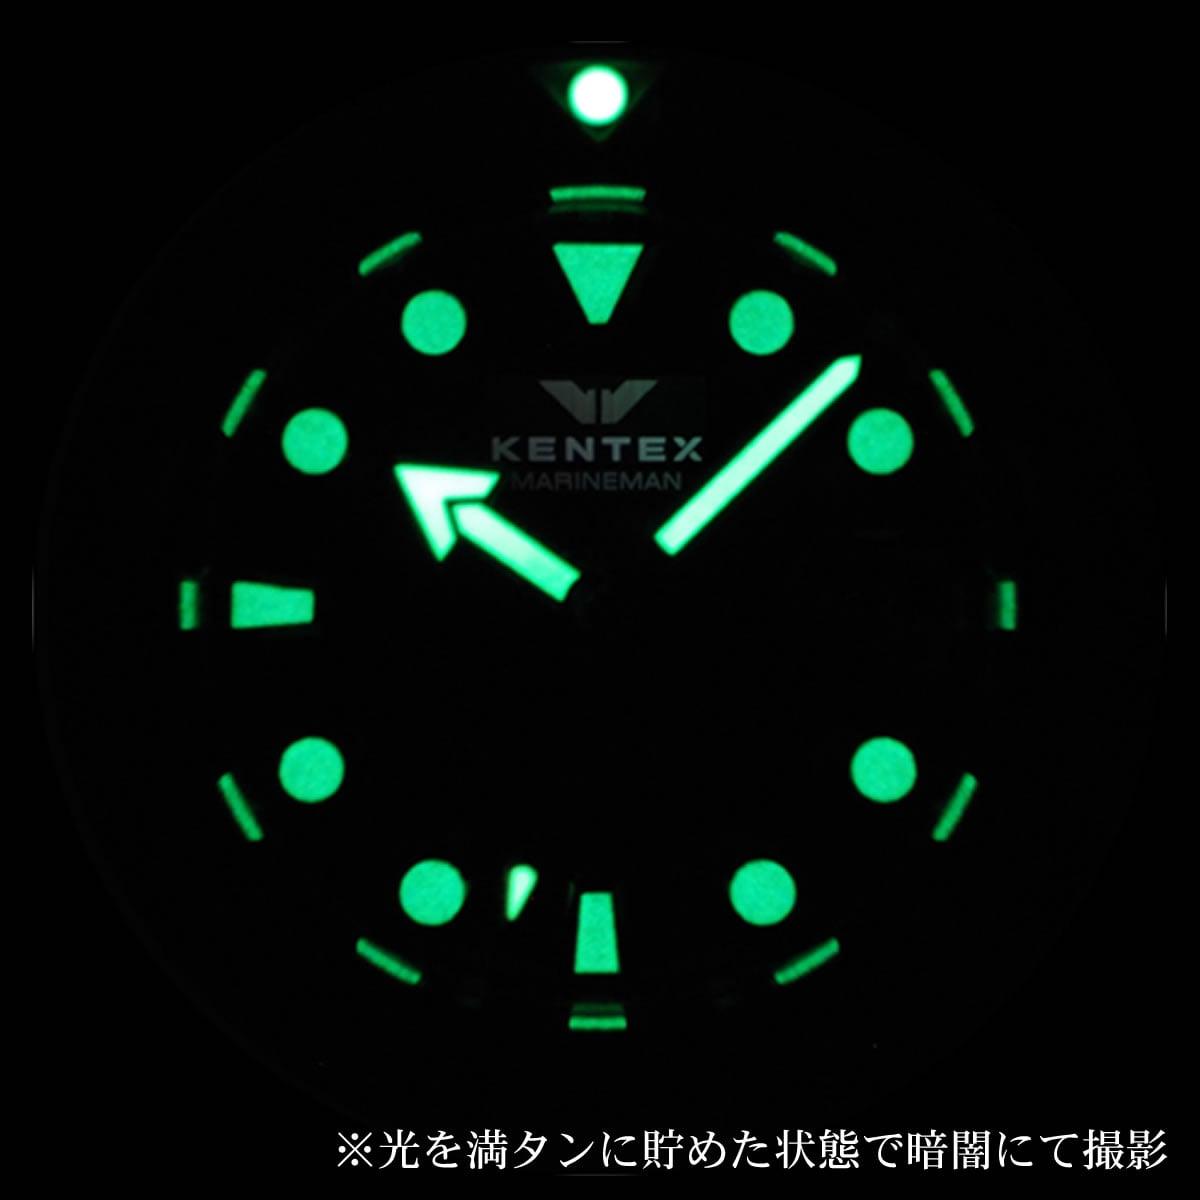 スーパールミナス夜光 S706M-19